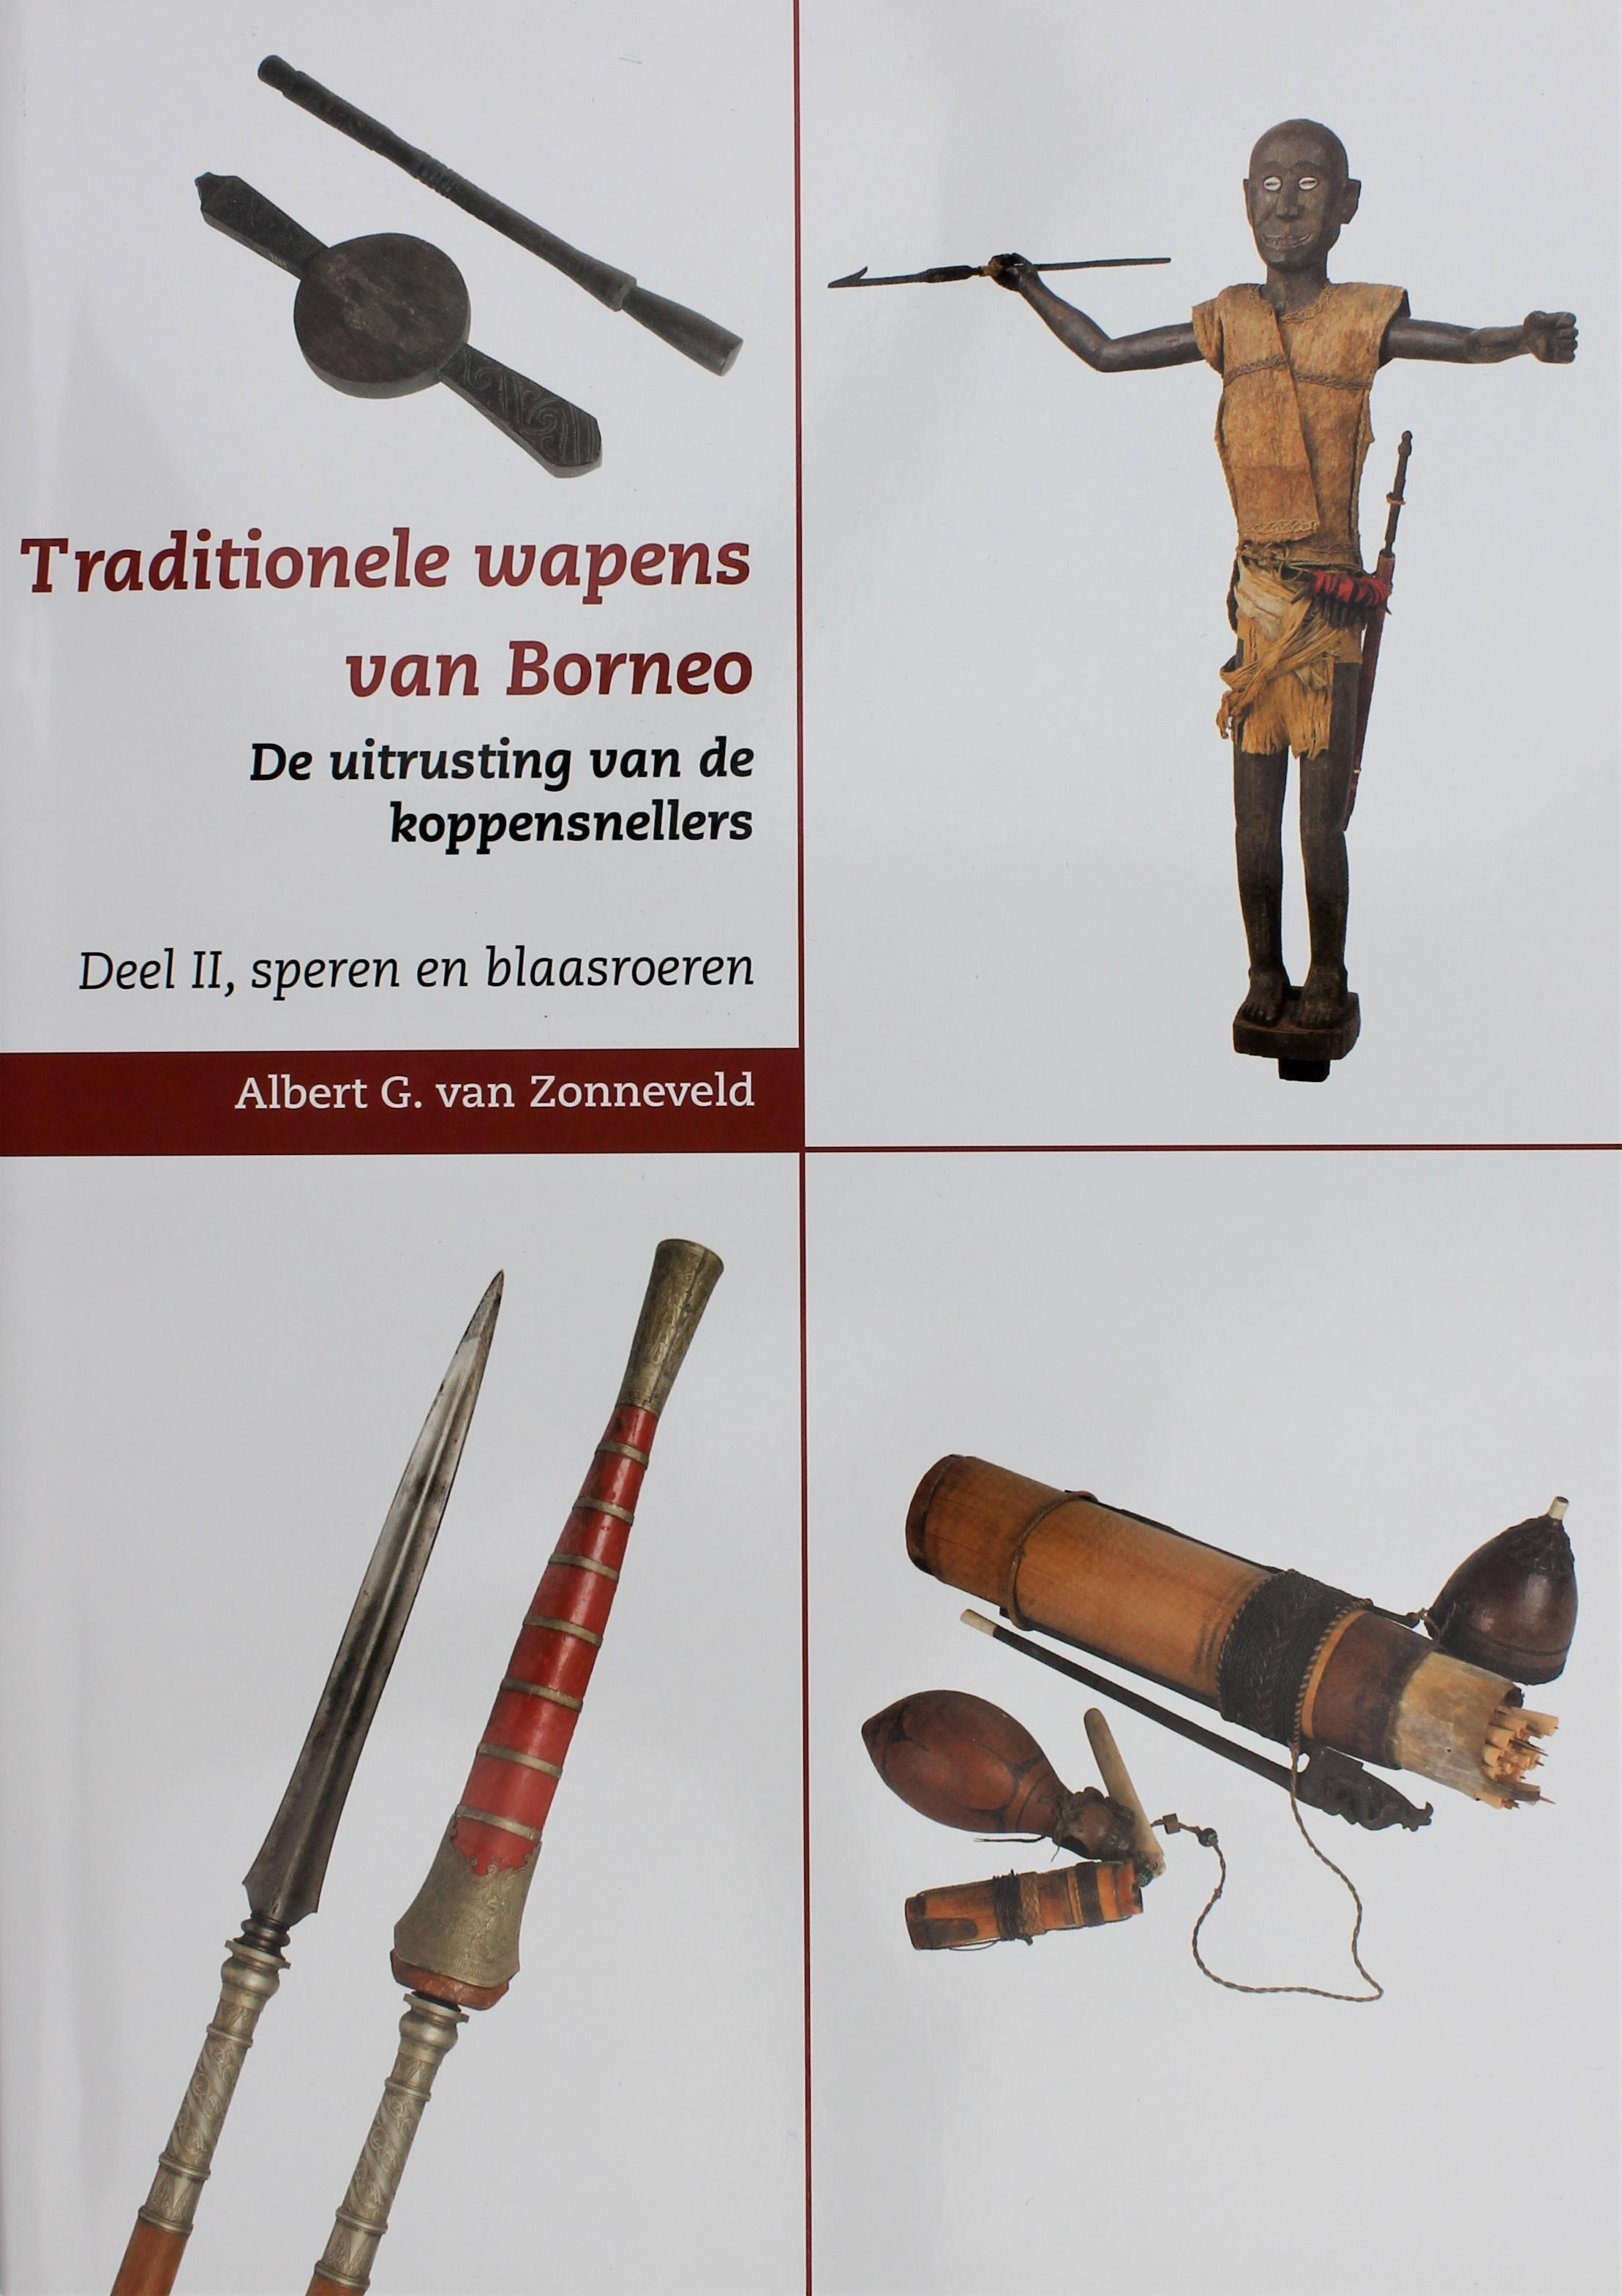 Traditionele wapens van Borneo De uitrusting van de koppensnellers Deel II, Speren en blaasroeren Albert G. van Zonneveld